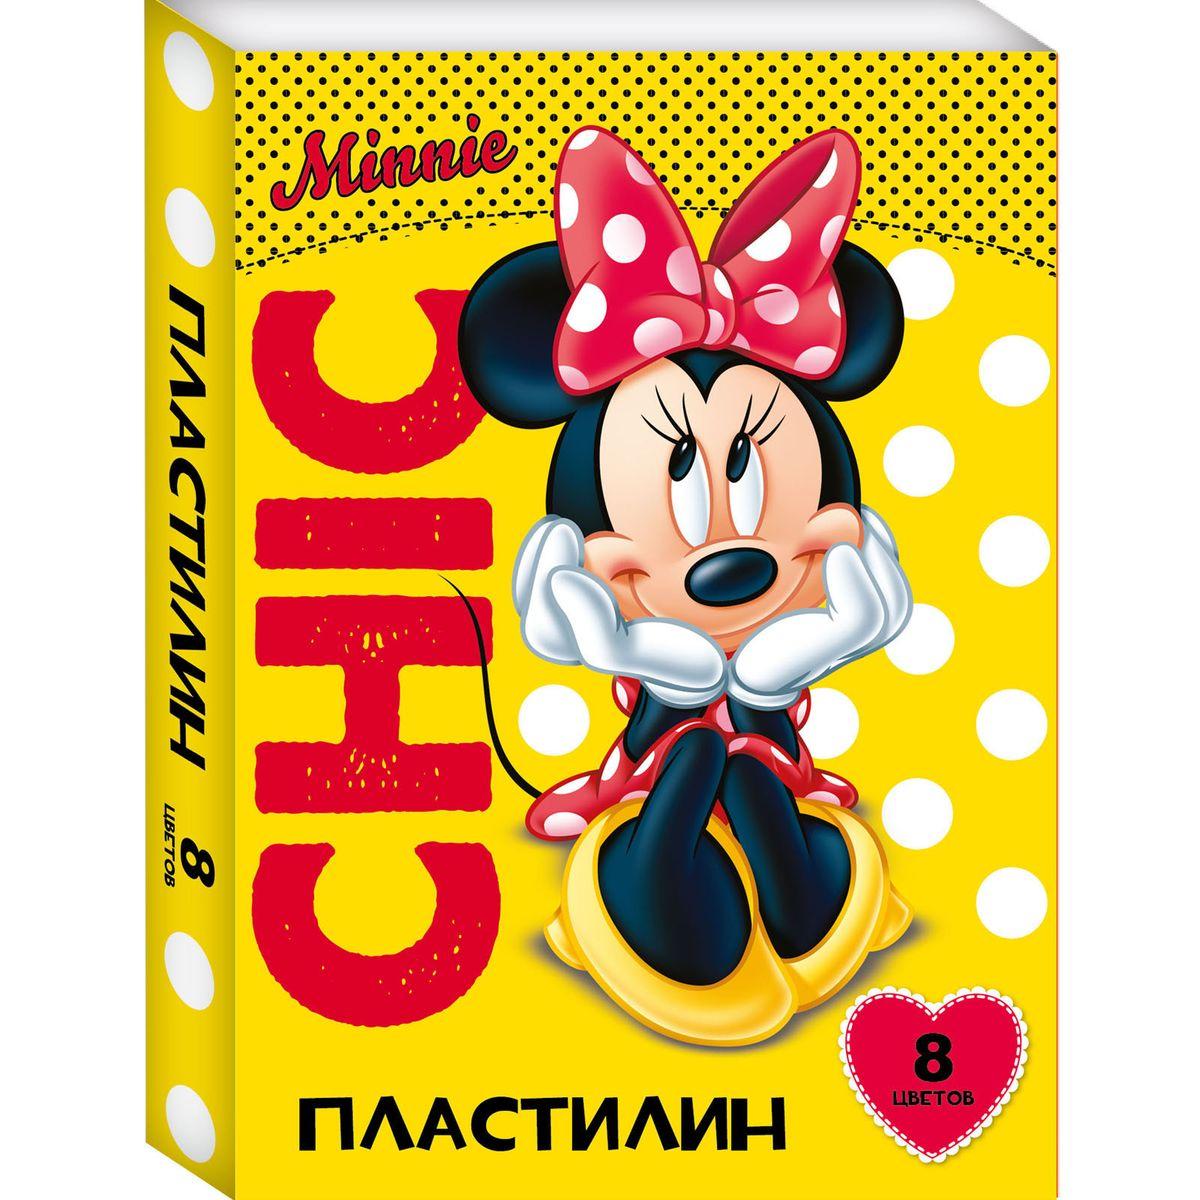 Disney Пластилин Минни 8 цветов29385Яркий и легко размягчающийся пластилин Disney Минни поможет вашему малышу создать множество интересных поделок, а очаровательная Минни Маус вдохновит кроху на новые творческие идеи. Лепить из этого пластилина - одно удовольствие: он обладает отличными пластичными свойствами, не липнет к рукам, не имеет запаха, безопасен при использовании по назначению. Смешивайте цвета, фантазируйте, экспериментируйте и развивайте своего малыша: лепка активно тренирует у ребенка мелкую моторику и умение работать пальчиками, развивает тактильное восприятие формы, веса и фактуры, совершенствует воображение и пространственное мышление. А главное - лепить фигурки в компании любимой героини невероятно весело! В наборе 8 цветов пластилина, которые легко смешиваются друг с другом. Состав: парафин, петролатум, мел, каолин, красители.